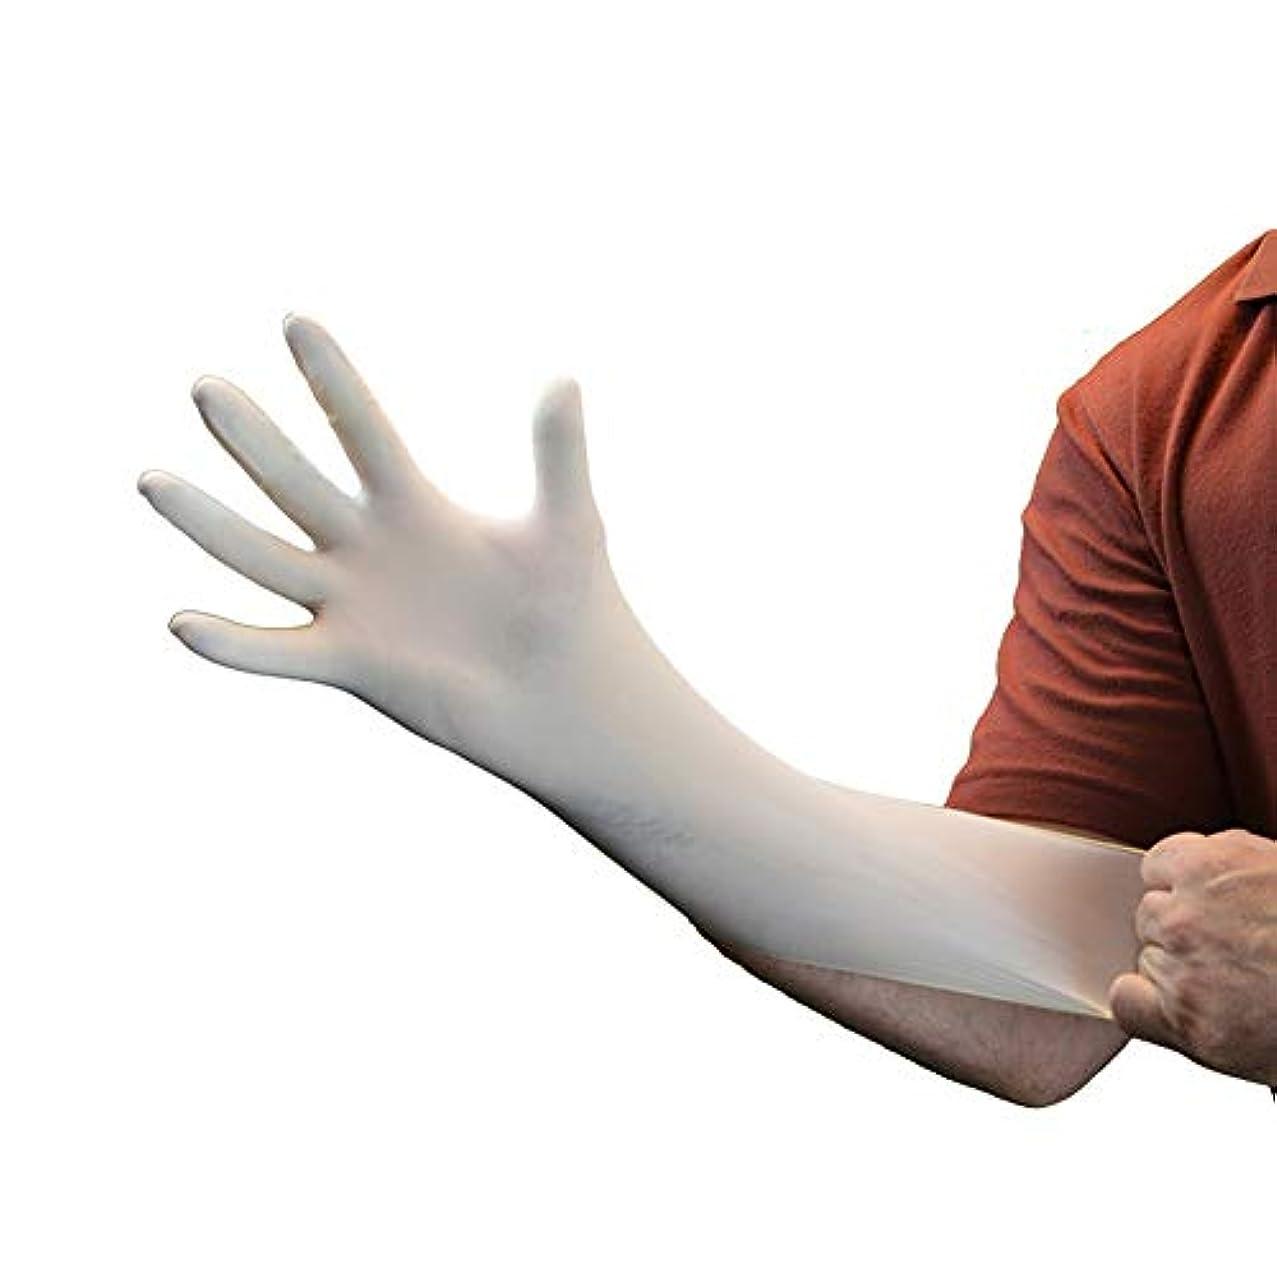 ふざけた見える勝利使い捨てラテックス手袋 - パウダーフリーの歯科技工所労働保護製品をマッサージ YANW (Color : White, Size : XS)